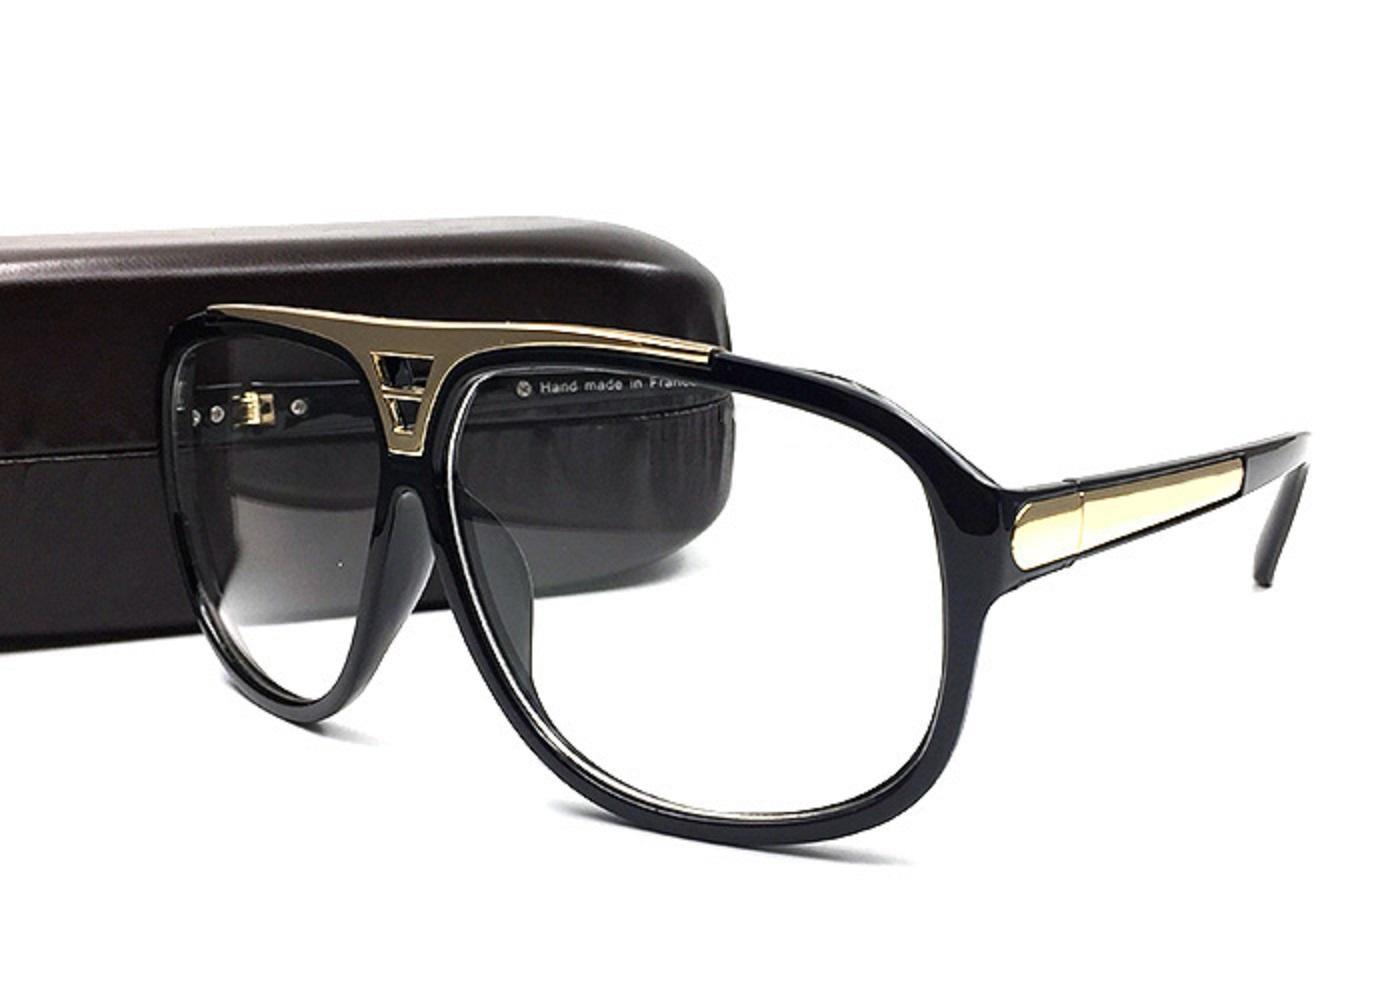 Новые моды Винтажные доказательства Солнцезащитные очки Горячая популярный стиль Eyeglasses для мужчин Женские летние стиль UV400 оттенки Lunettes de Soleil с коробкой